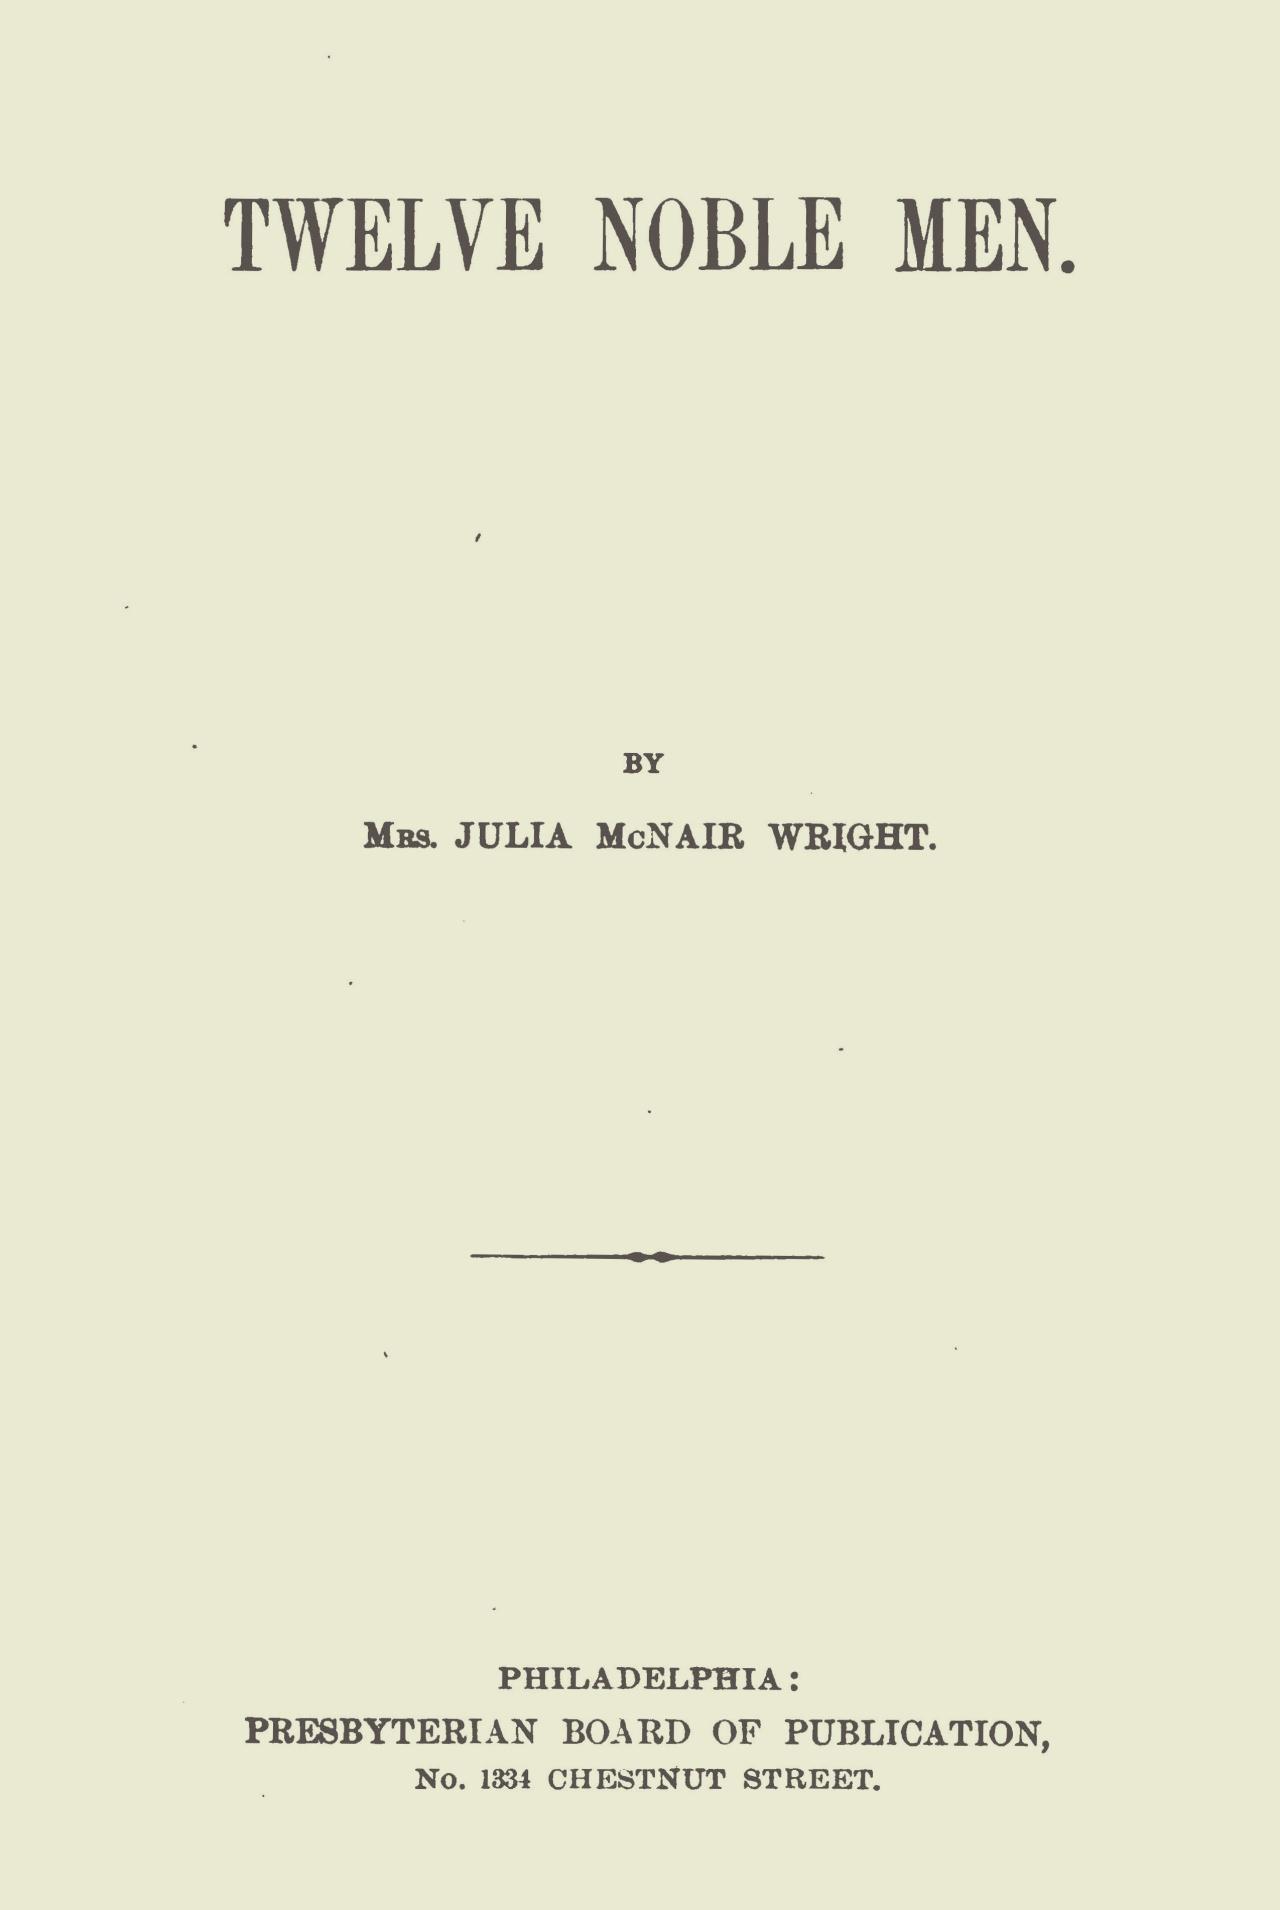 Wright, Julia McNair, Twelve Noble Men Title Page.jpg